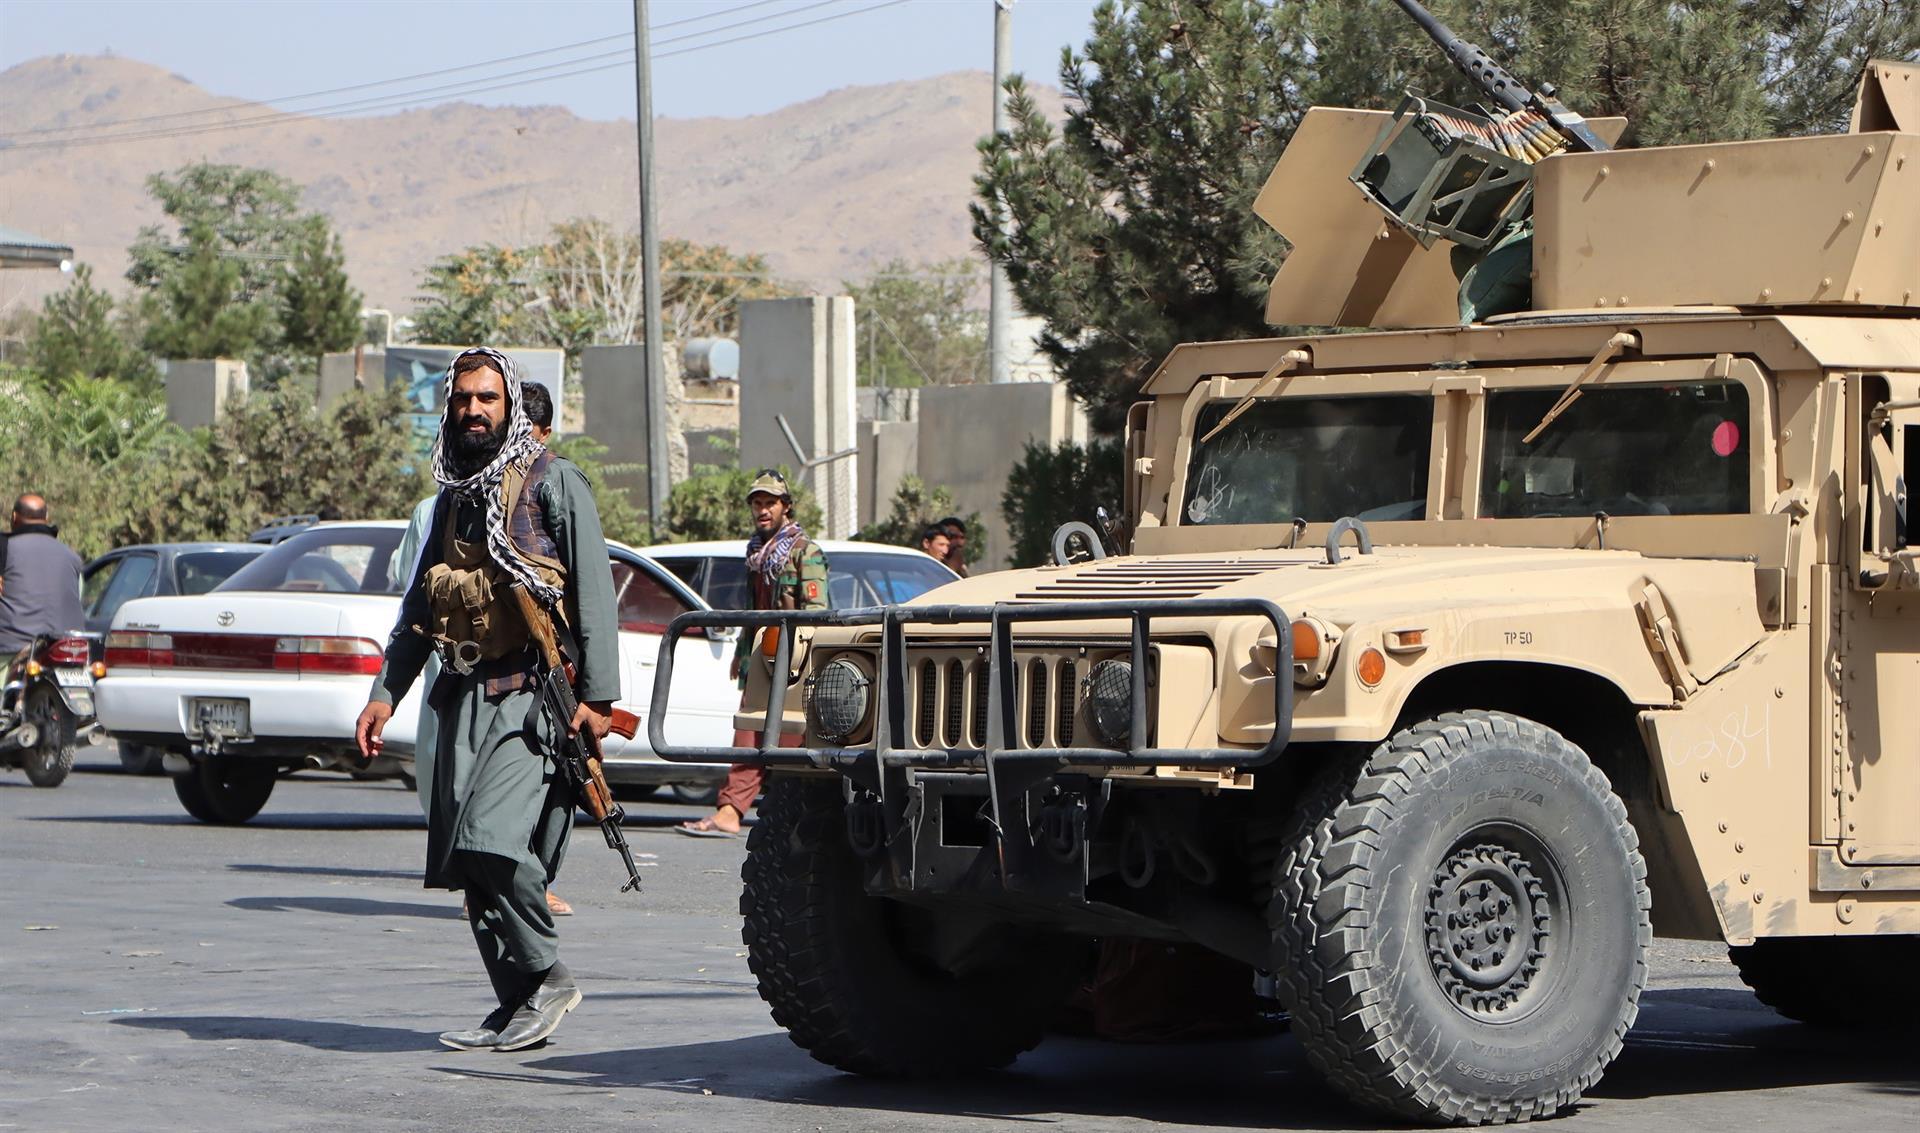 Soldado talibã andando na rua com arma em punho